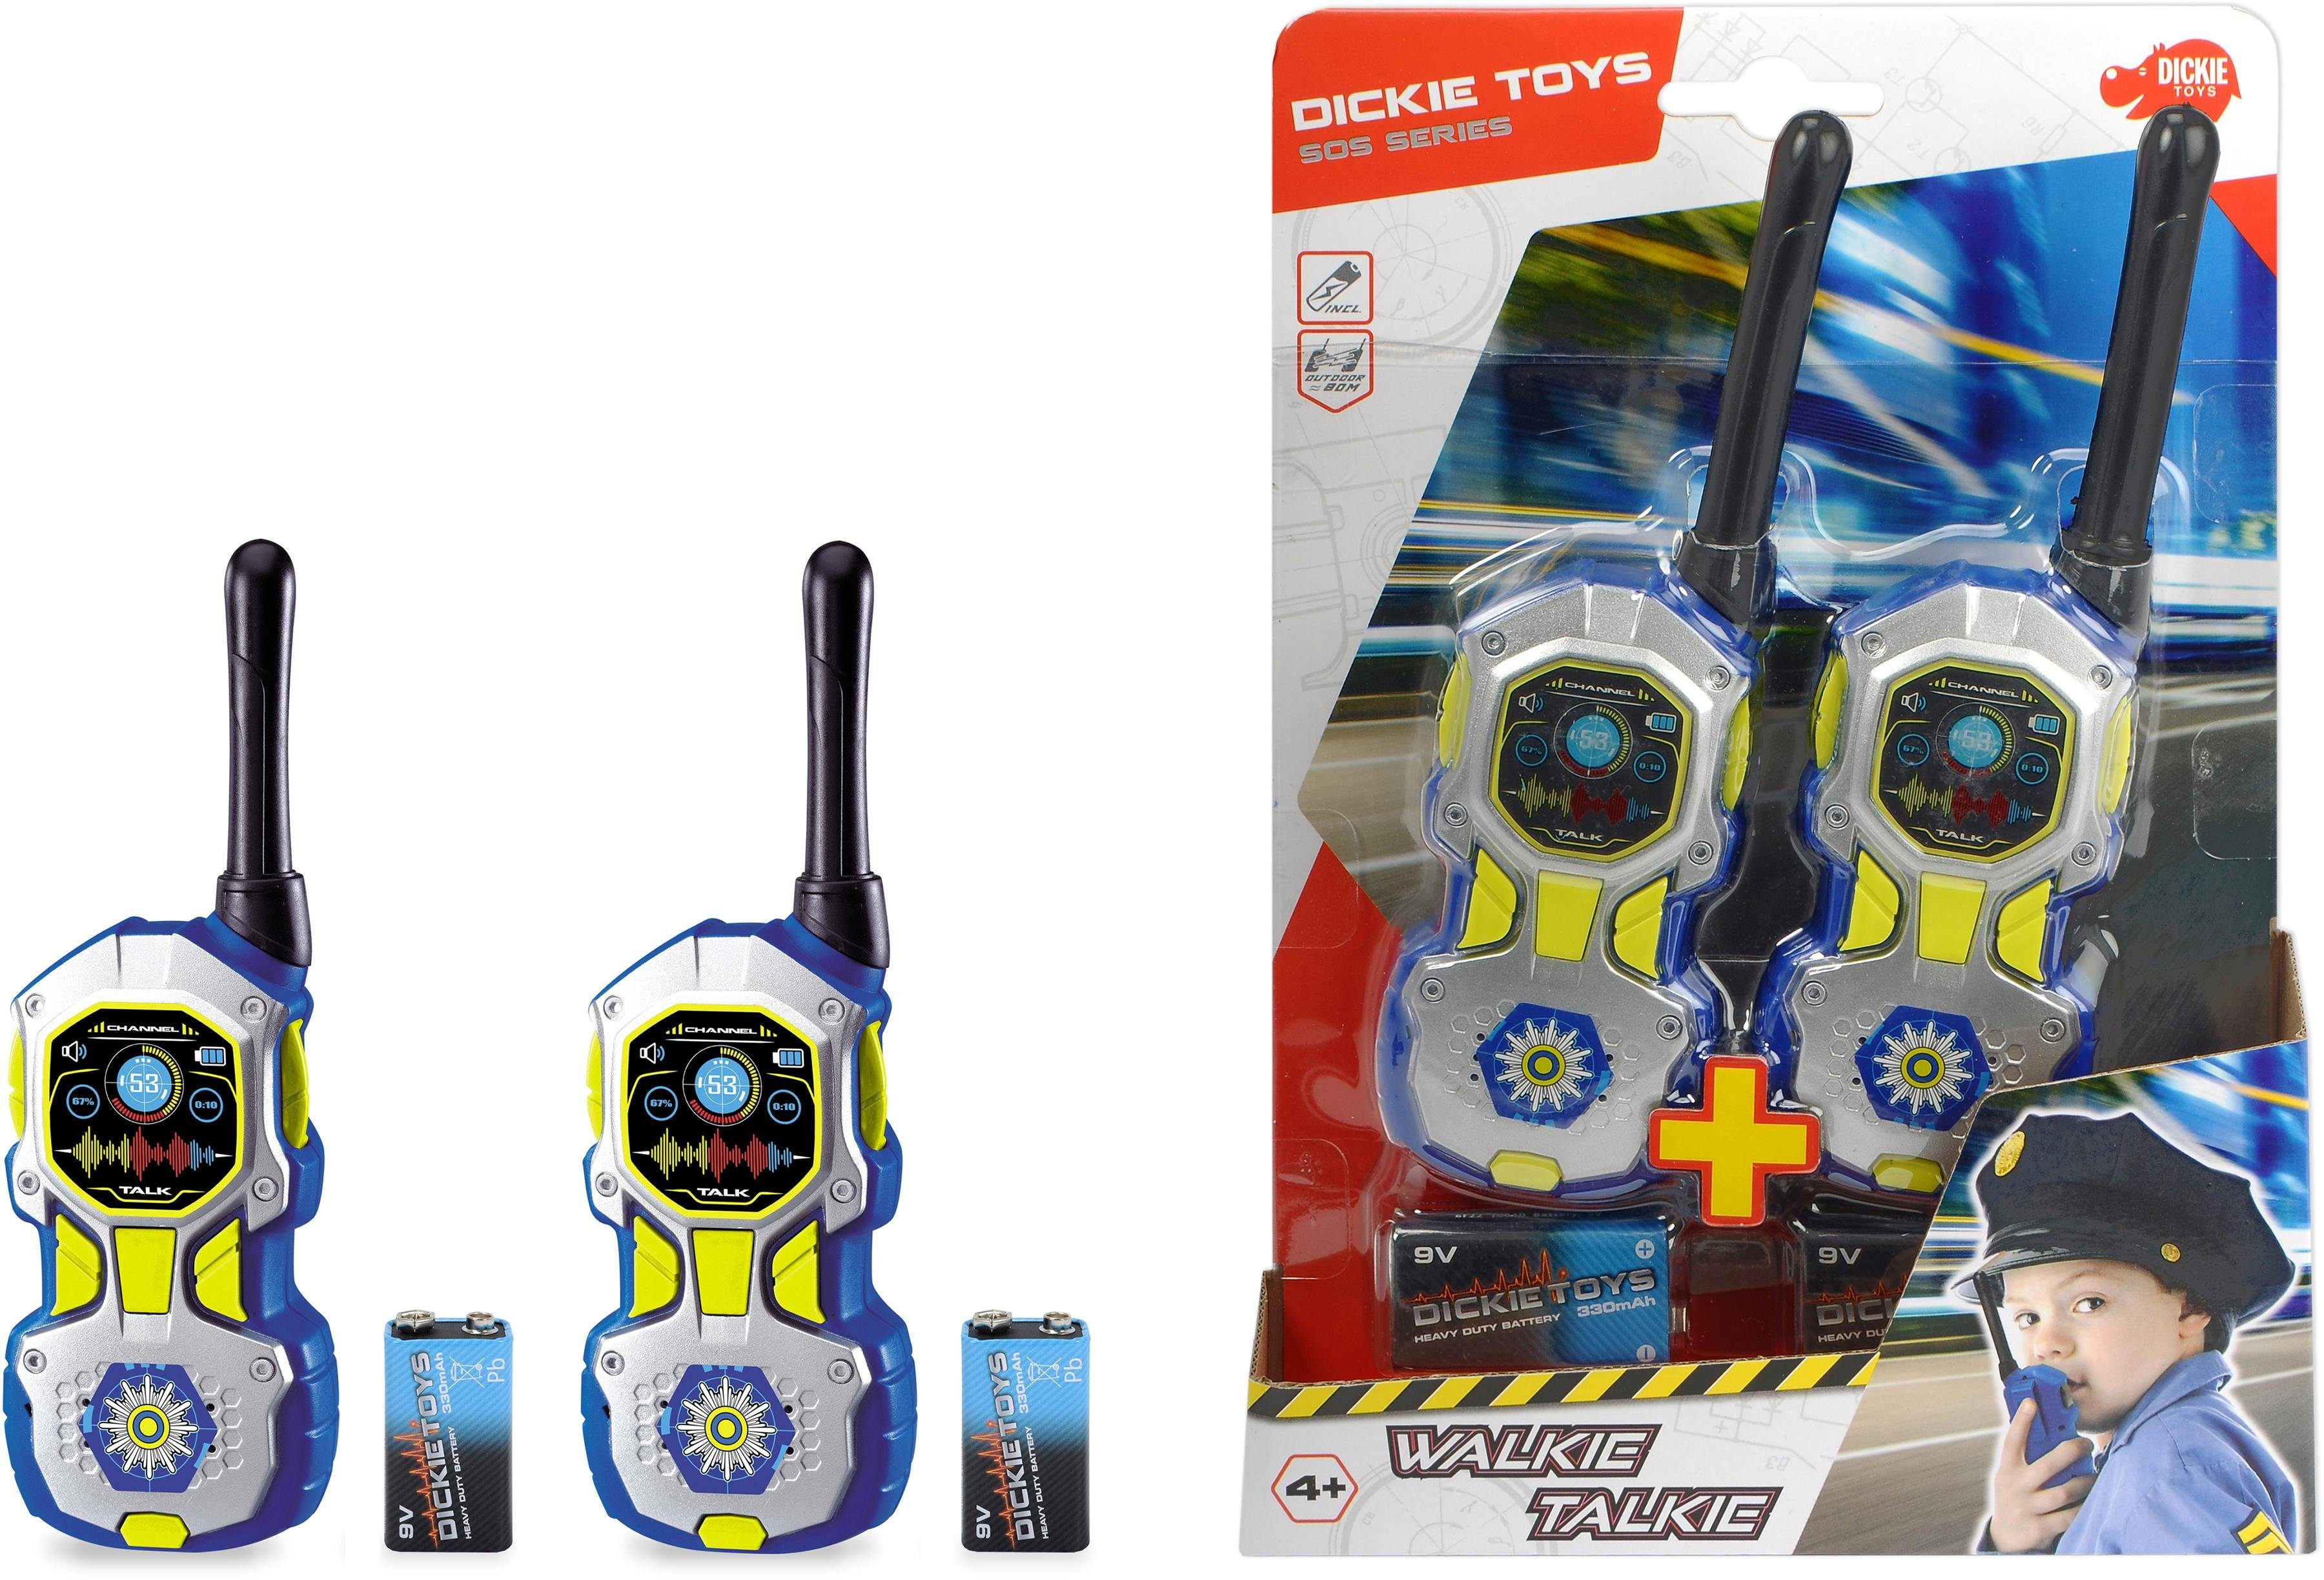 Dickie Toys Walkie Talkie Walkie Talkie Police Kindermode/Spielzeug/Elektronikspielzeug